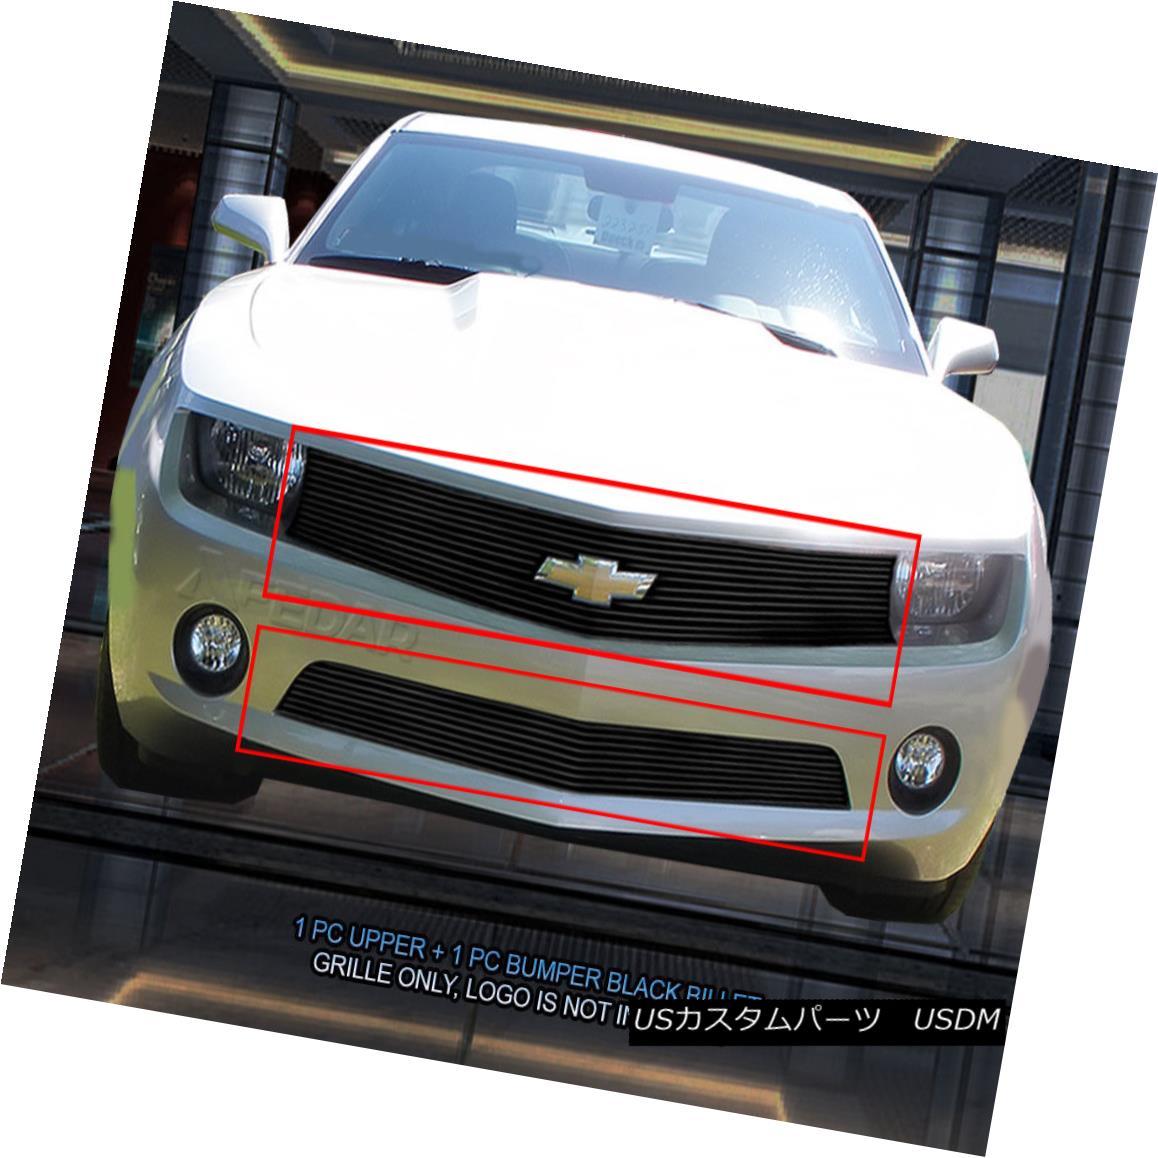 グリル Fits 10-13 Chevy Camaro LT LS V6 Black Billet Grille Grill Combo Insert Fedar フィット10-13シェビーカマロLT LS V6ブラックビレットグリルグリルコンボインサートFedar